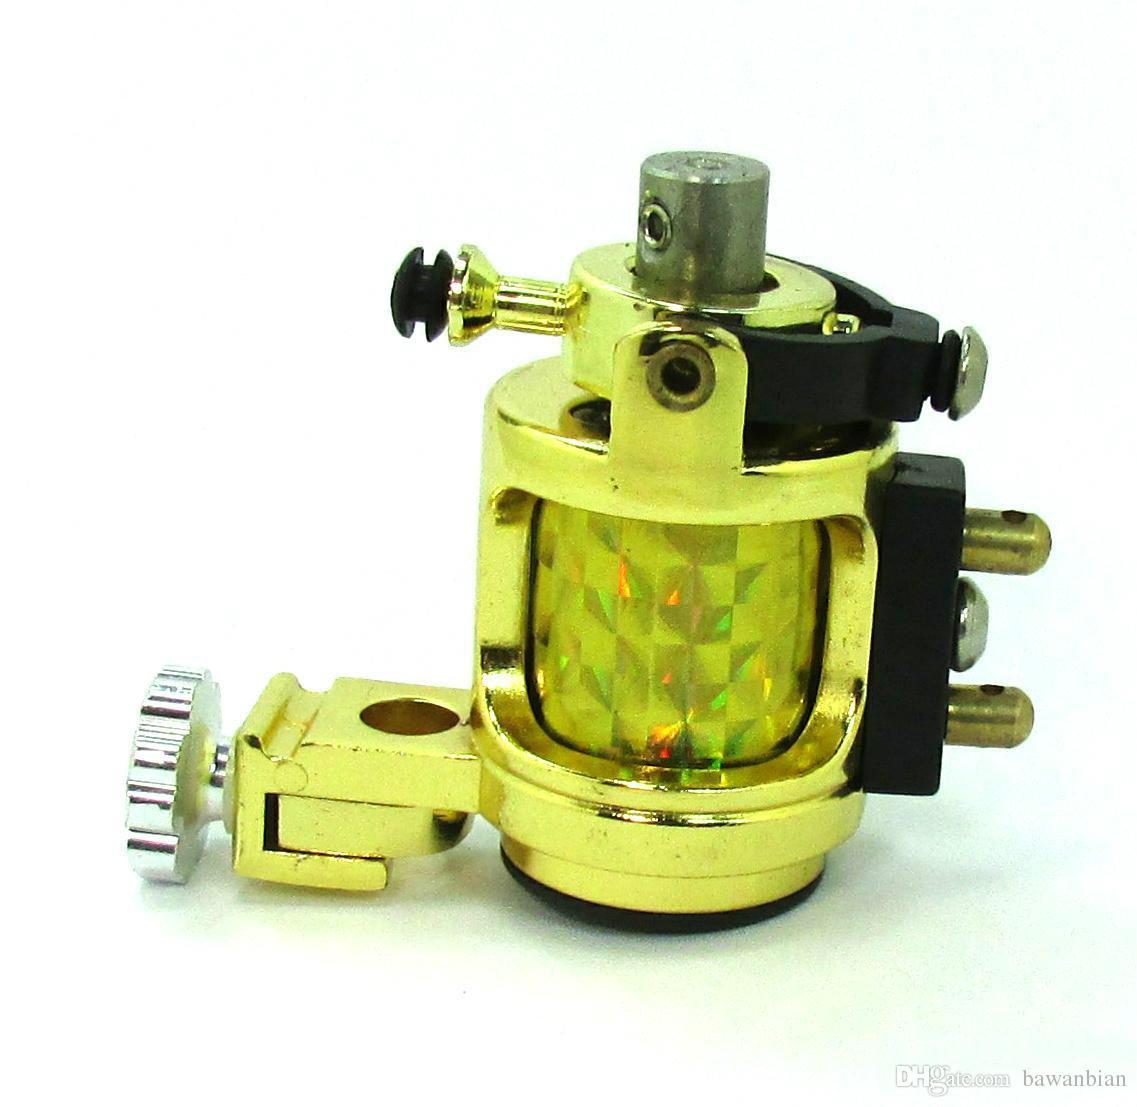 새로운 디자인 빛 침묵 골드 모터 로타리 문신 기계 Swashdrive 핸드 메이드 무료 배송 부드러운